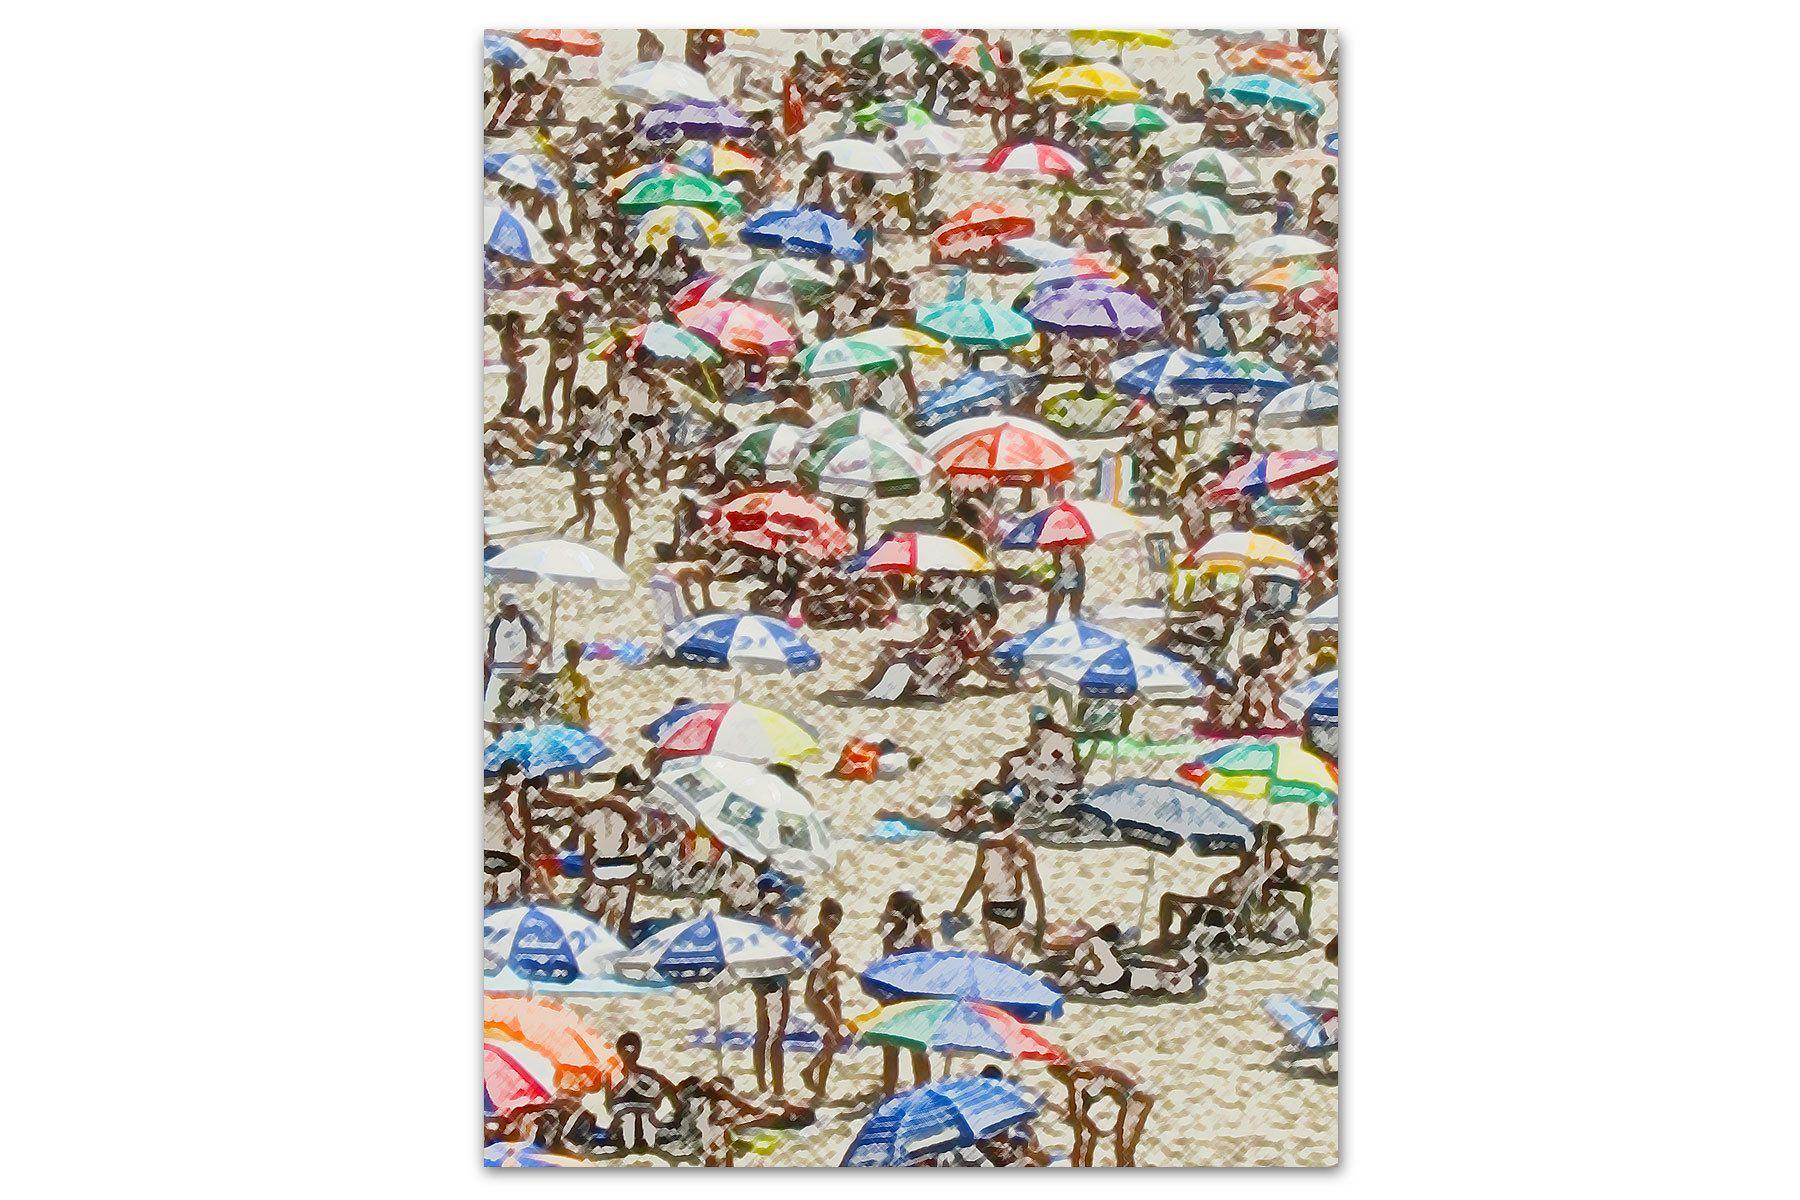 1brazil_beach_life_prainha_beach_scene.jpg